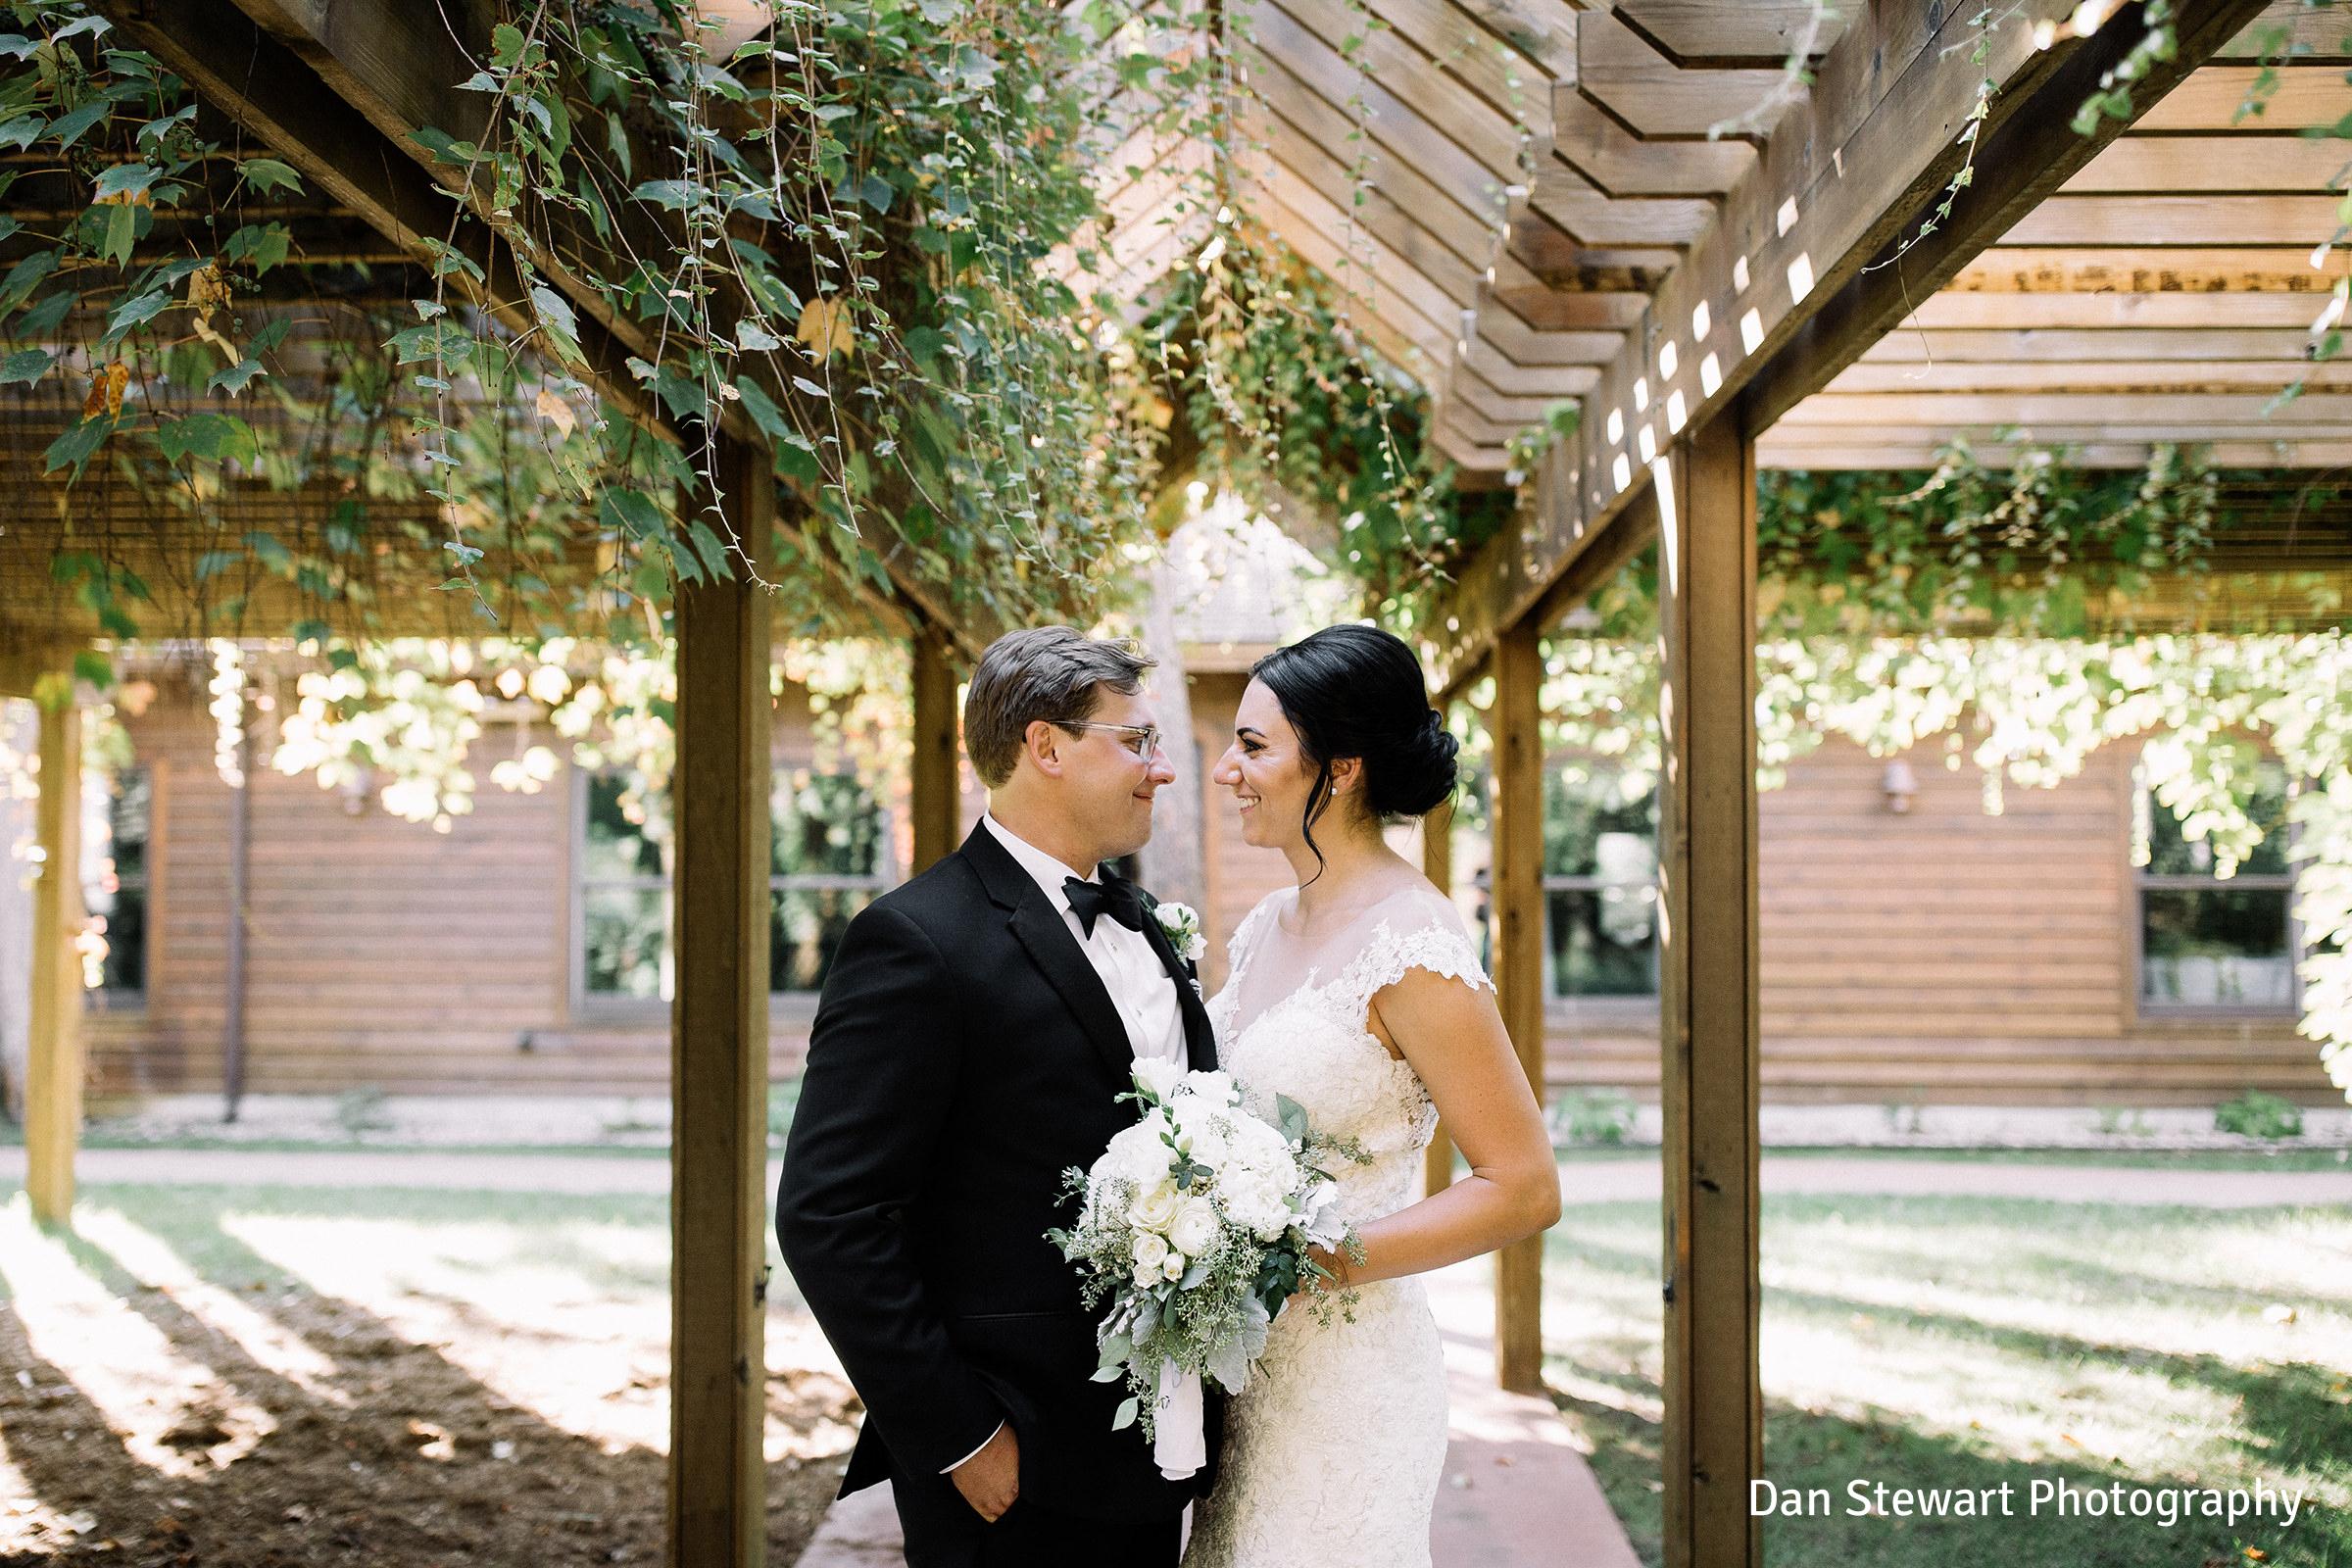 60 Non Traditional Wedding Vows: Wedding Ceremony & Reception Venue In Traverse City